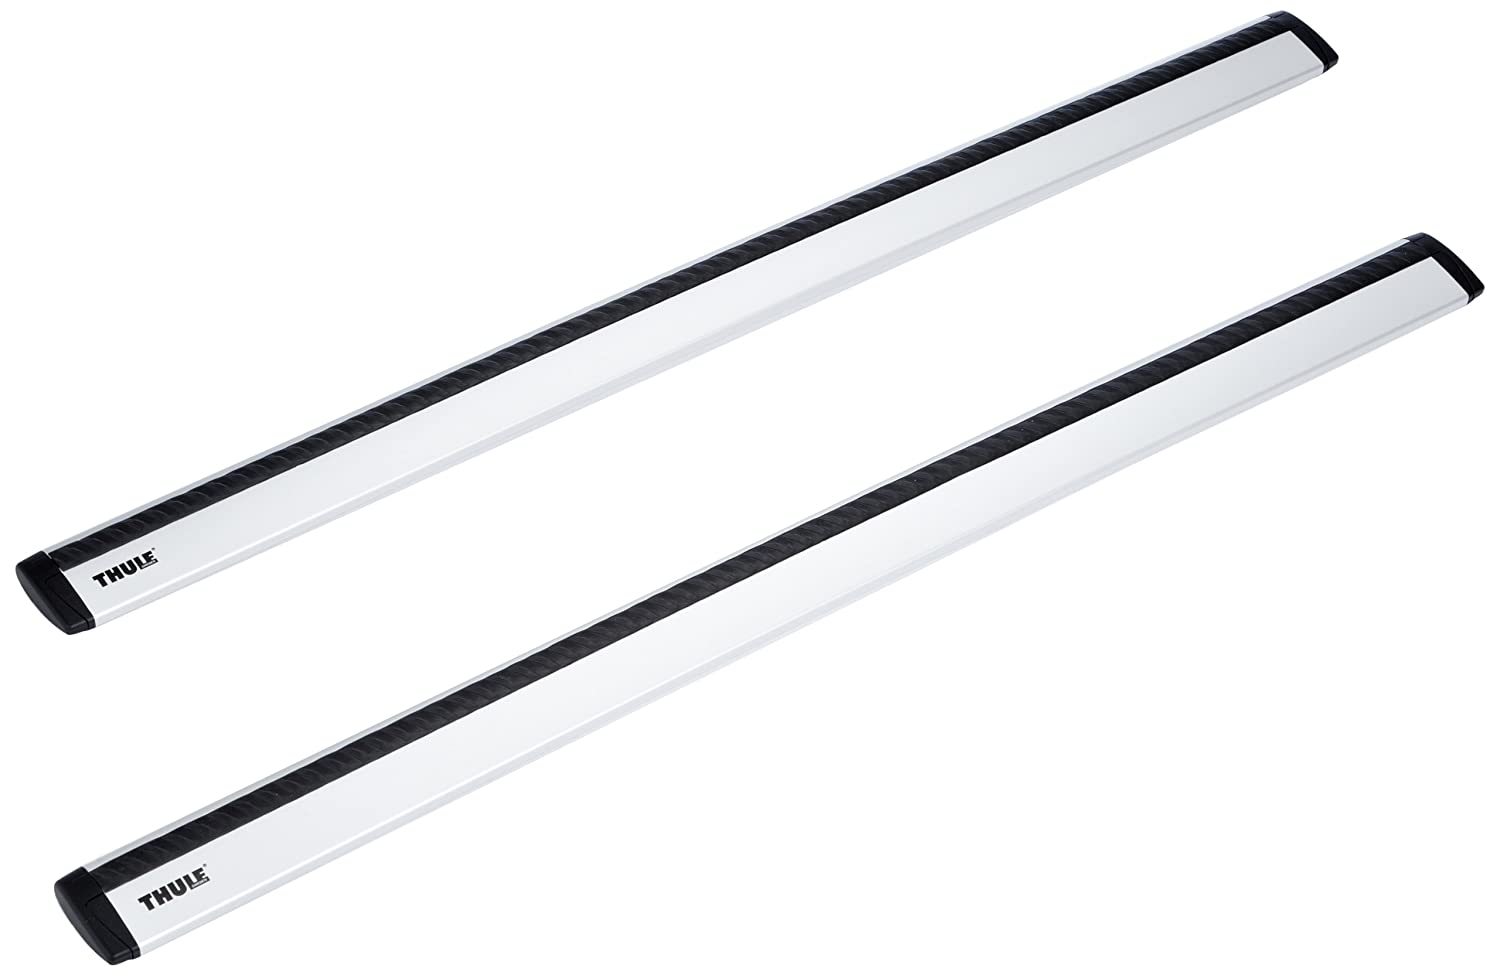 Barras TH WingBar Thule 962B Negro 135 cm